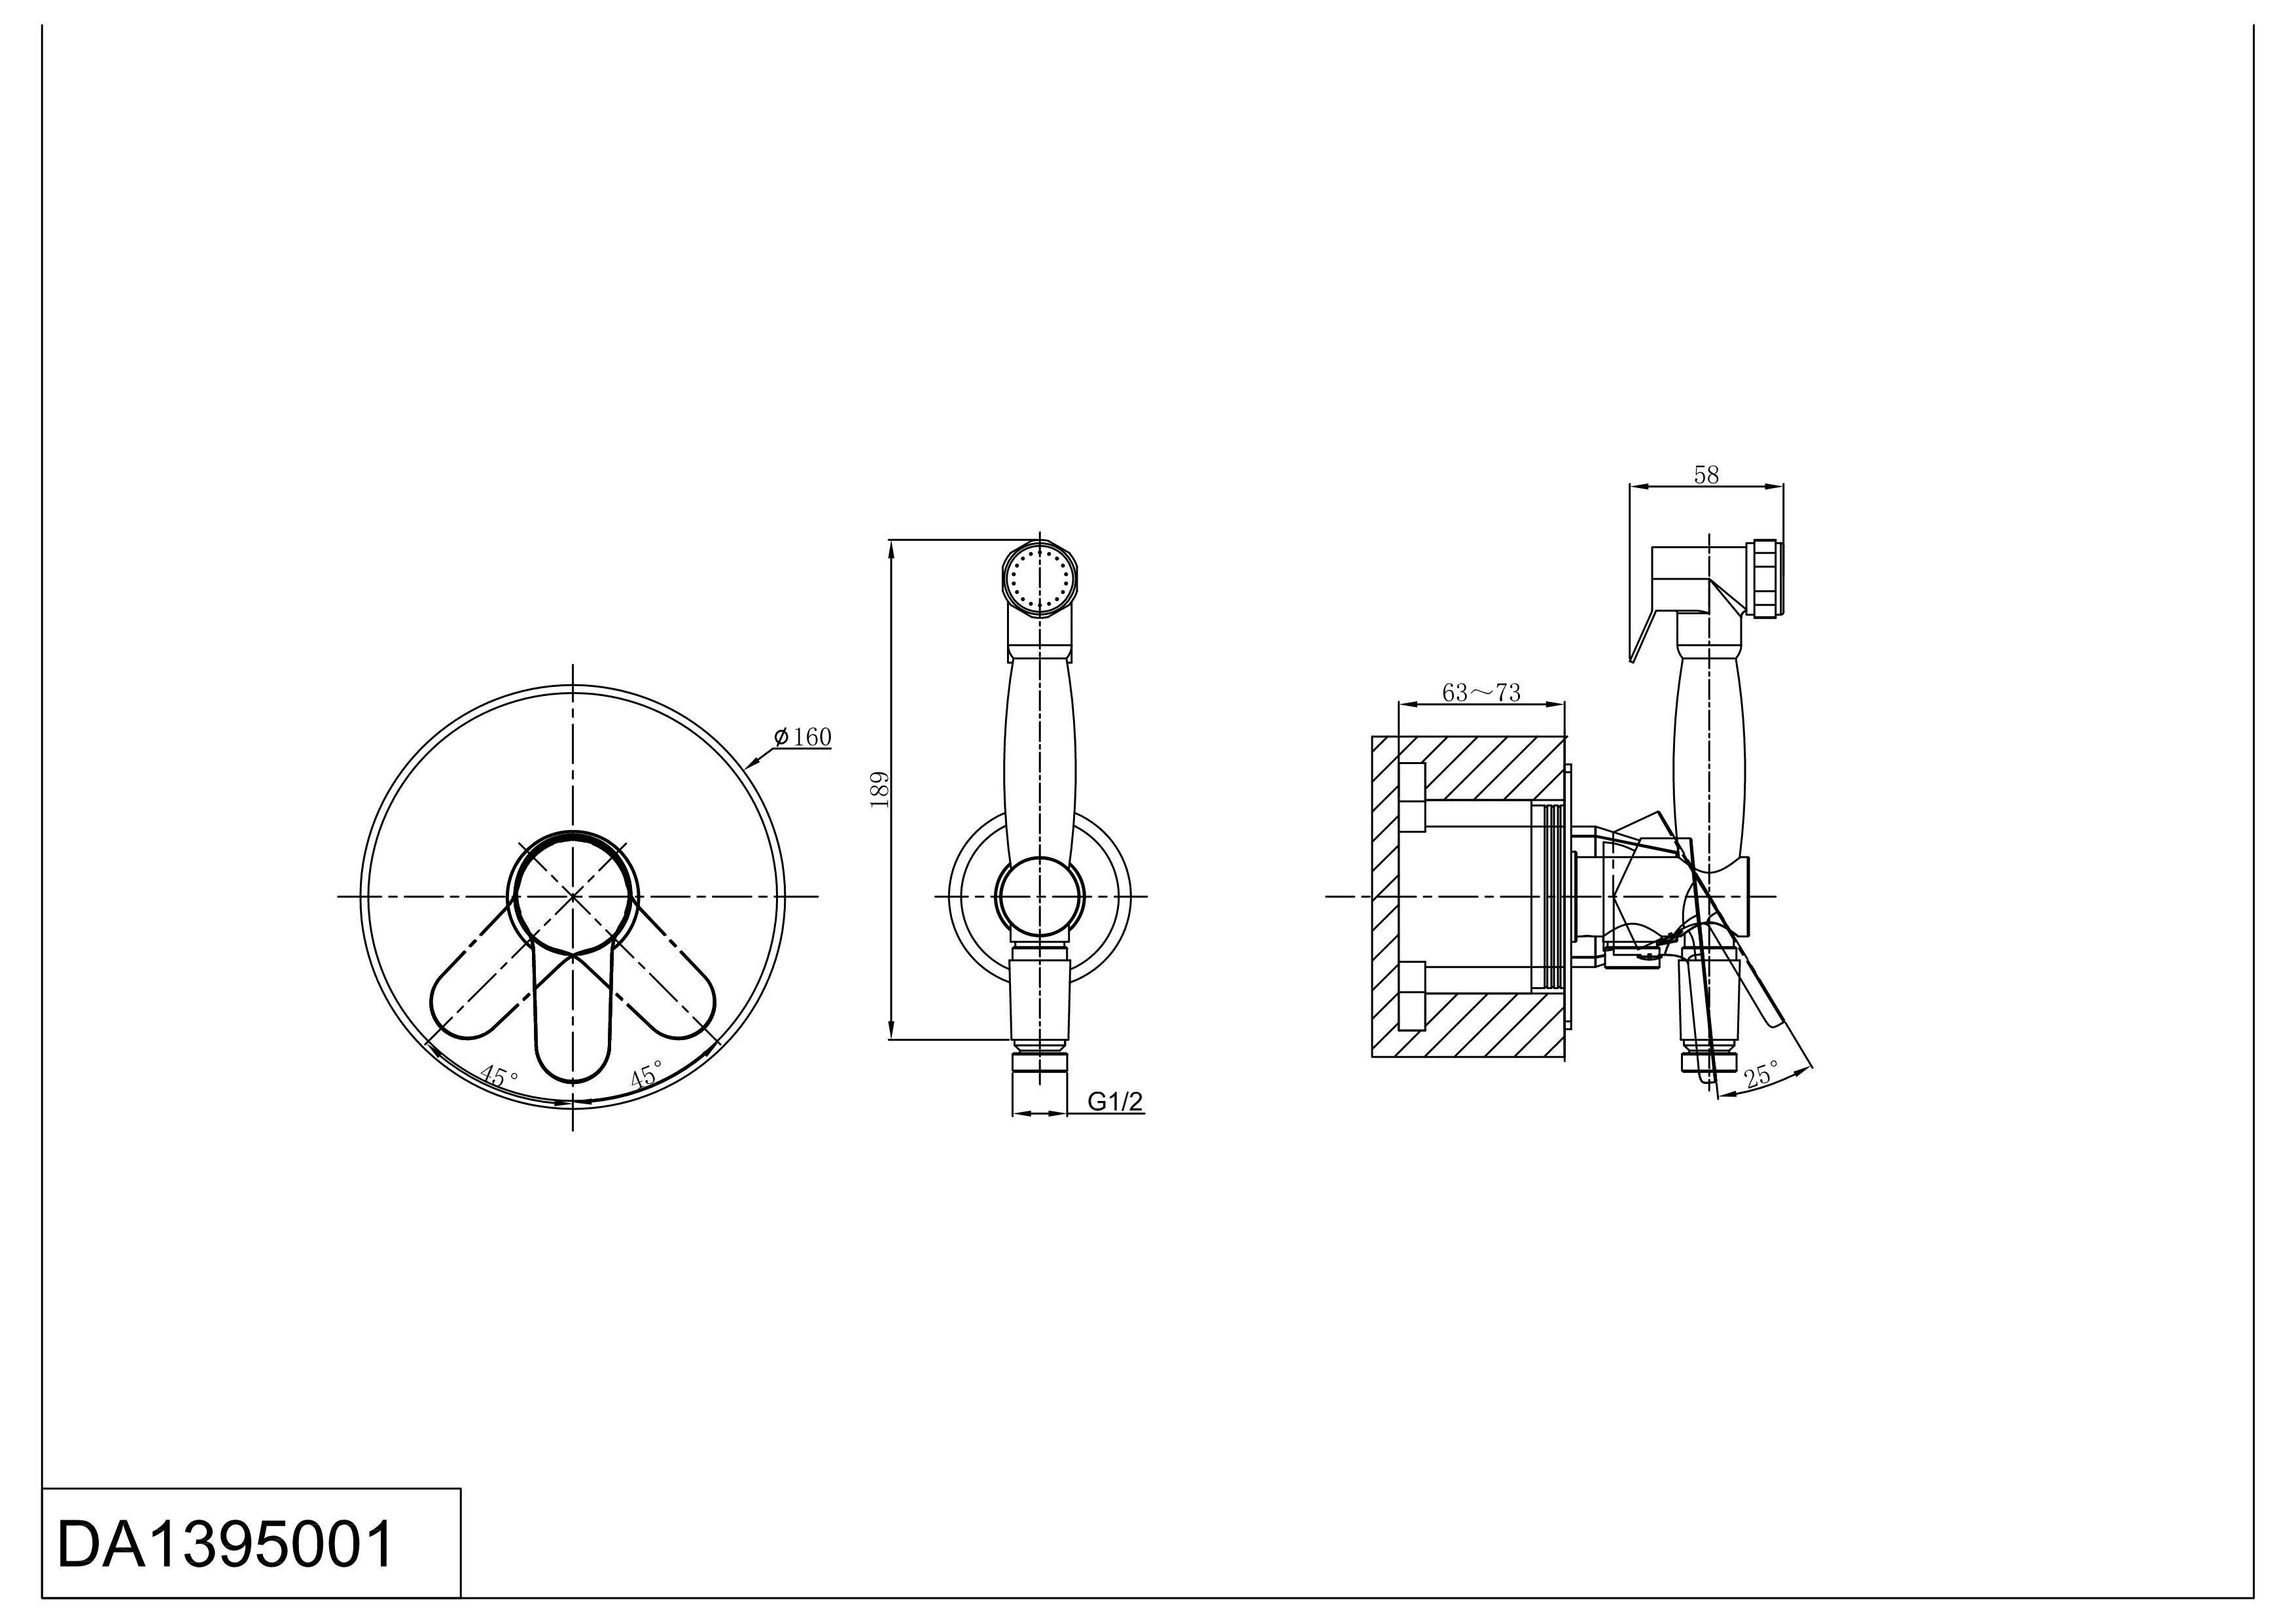 Смеситель душа D&K Rhein.Marx DA1395001 с гигиеническим душем встраиваемый хром